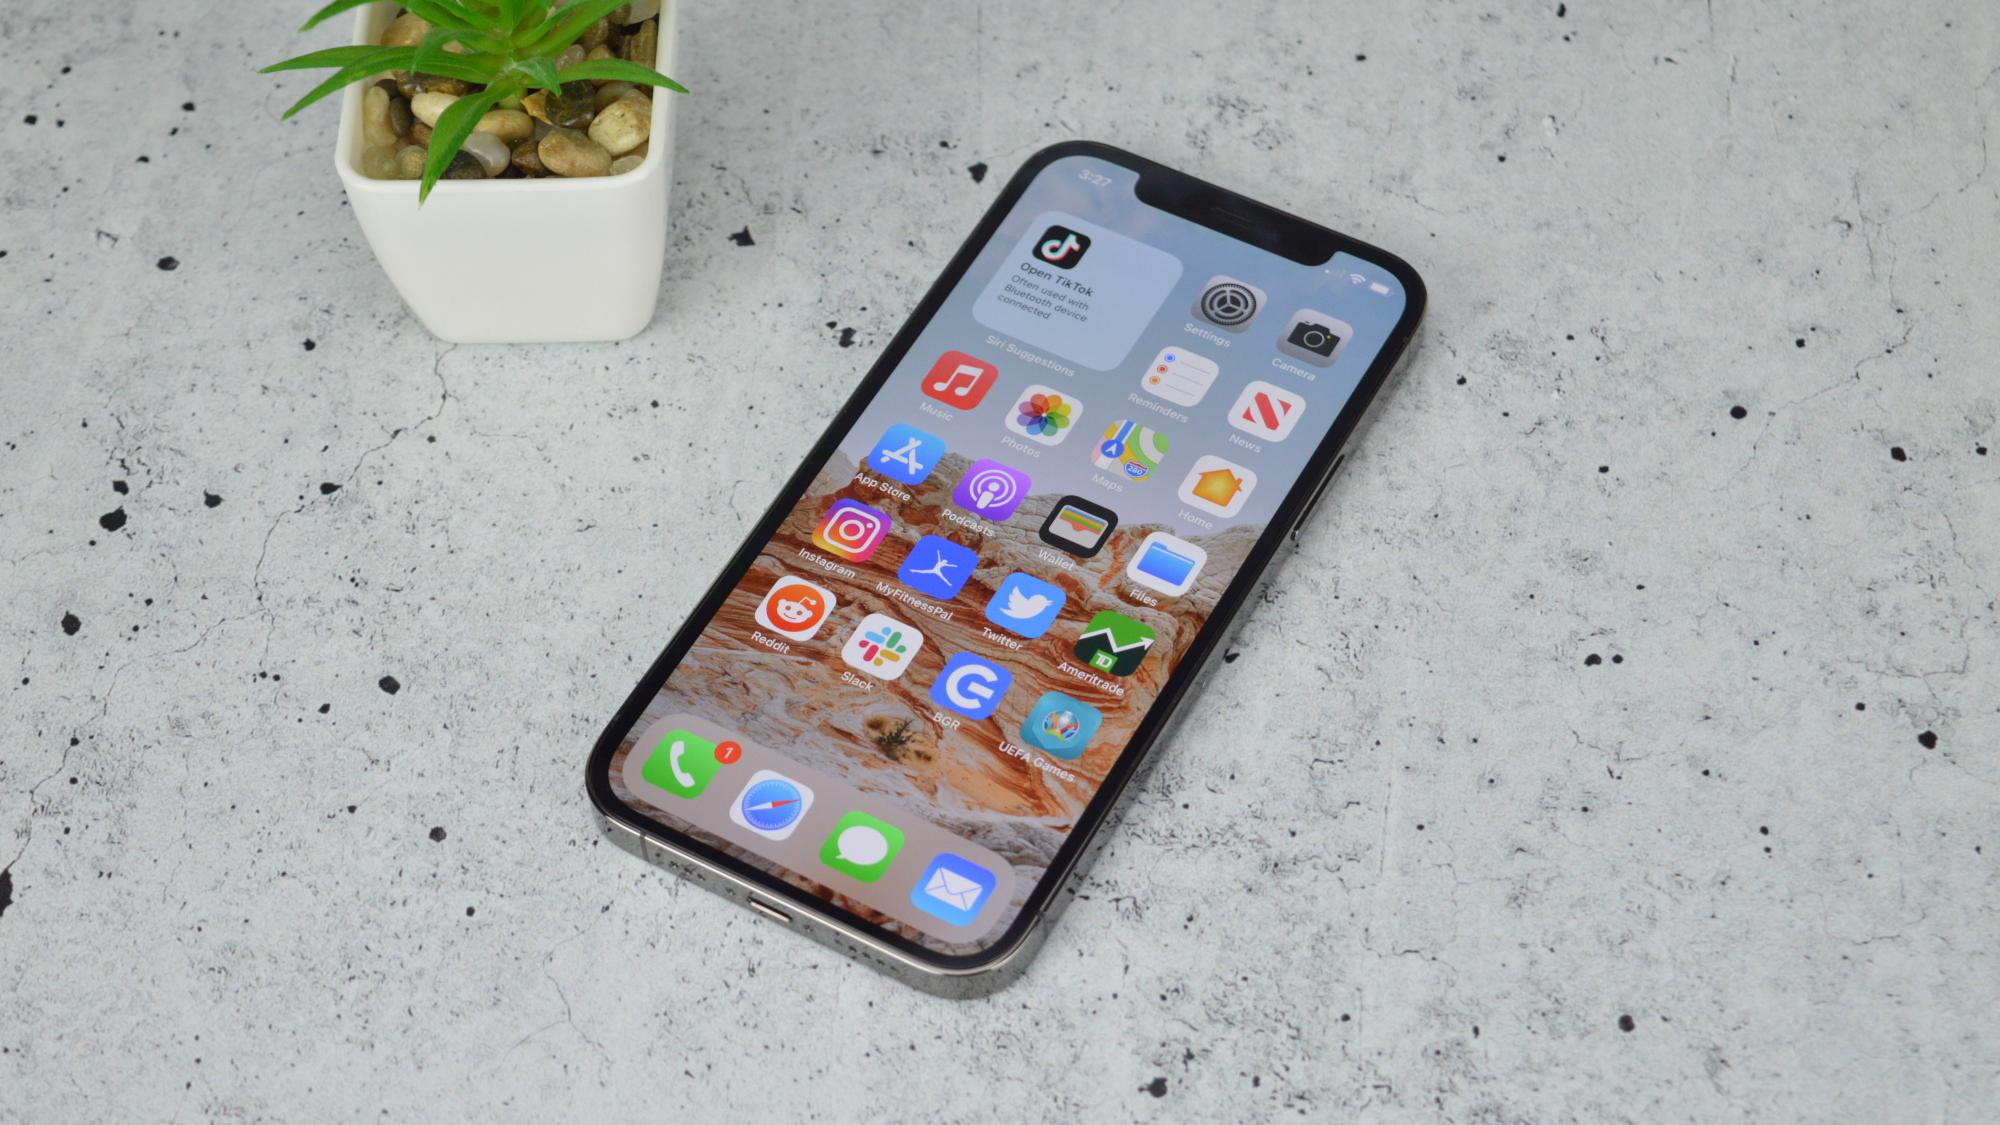 Apple akhirnya menanggapi kritik terhadap fitur pemindaian foto iPhone yang kontroversial